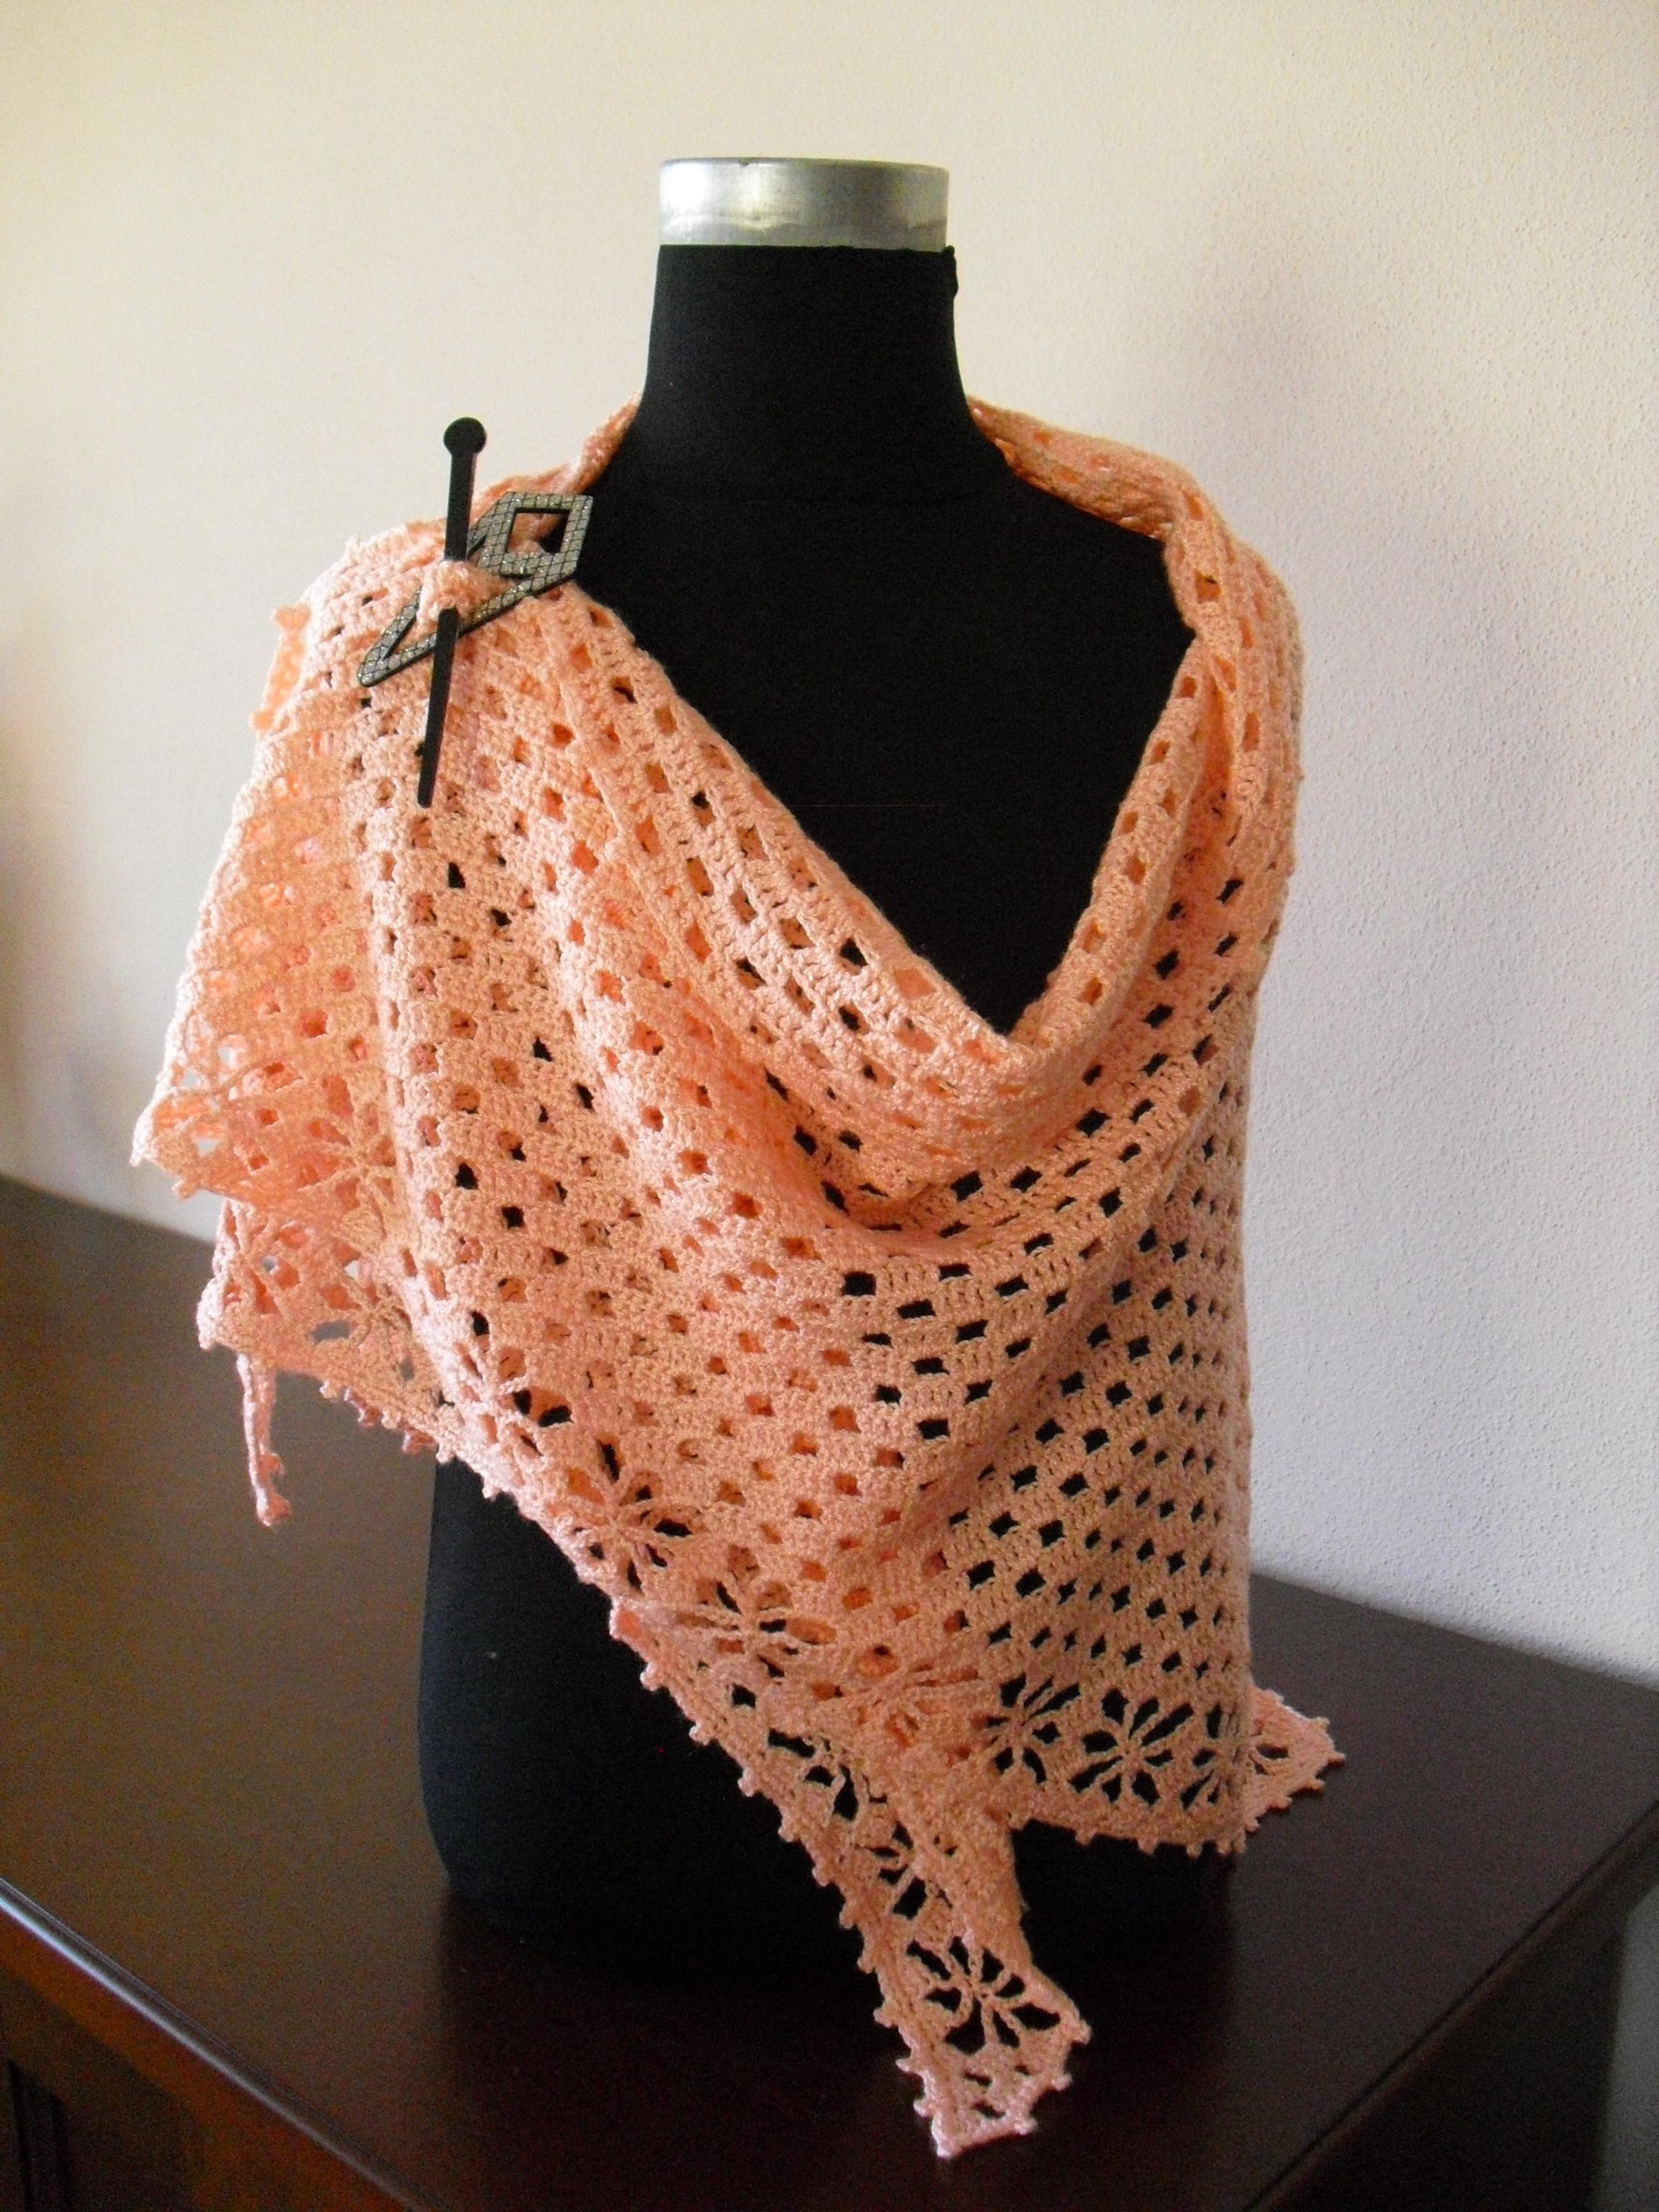 Xaile em crochet, na cor salmão, preso com alfinete